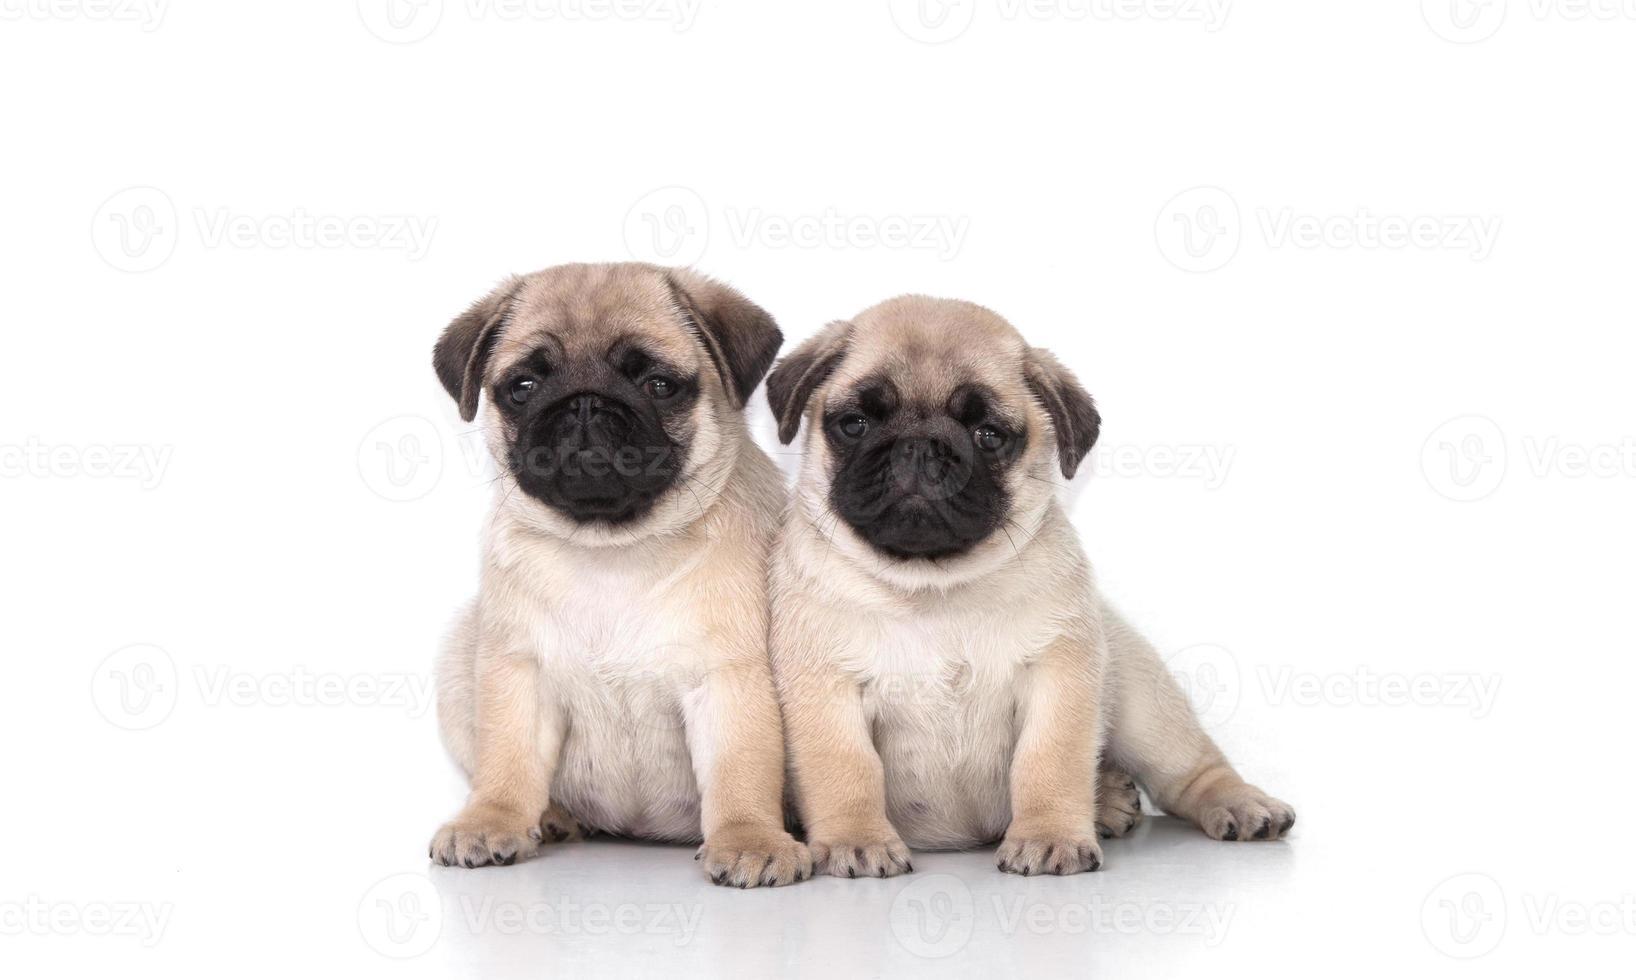 un cucciolo di due carlino su fondo bianco foto